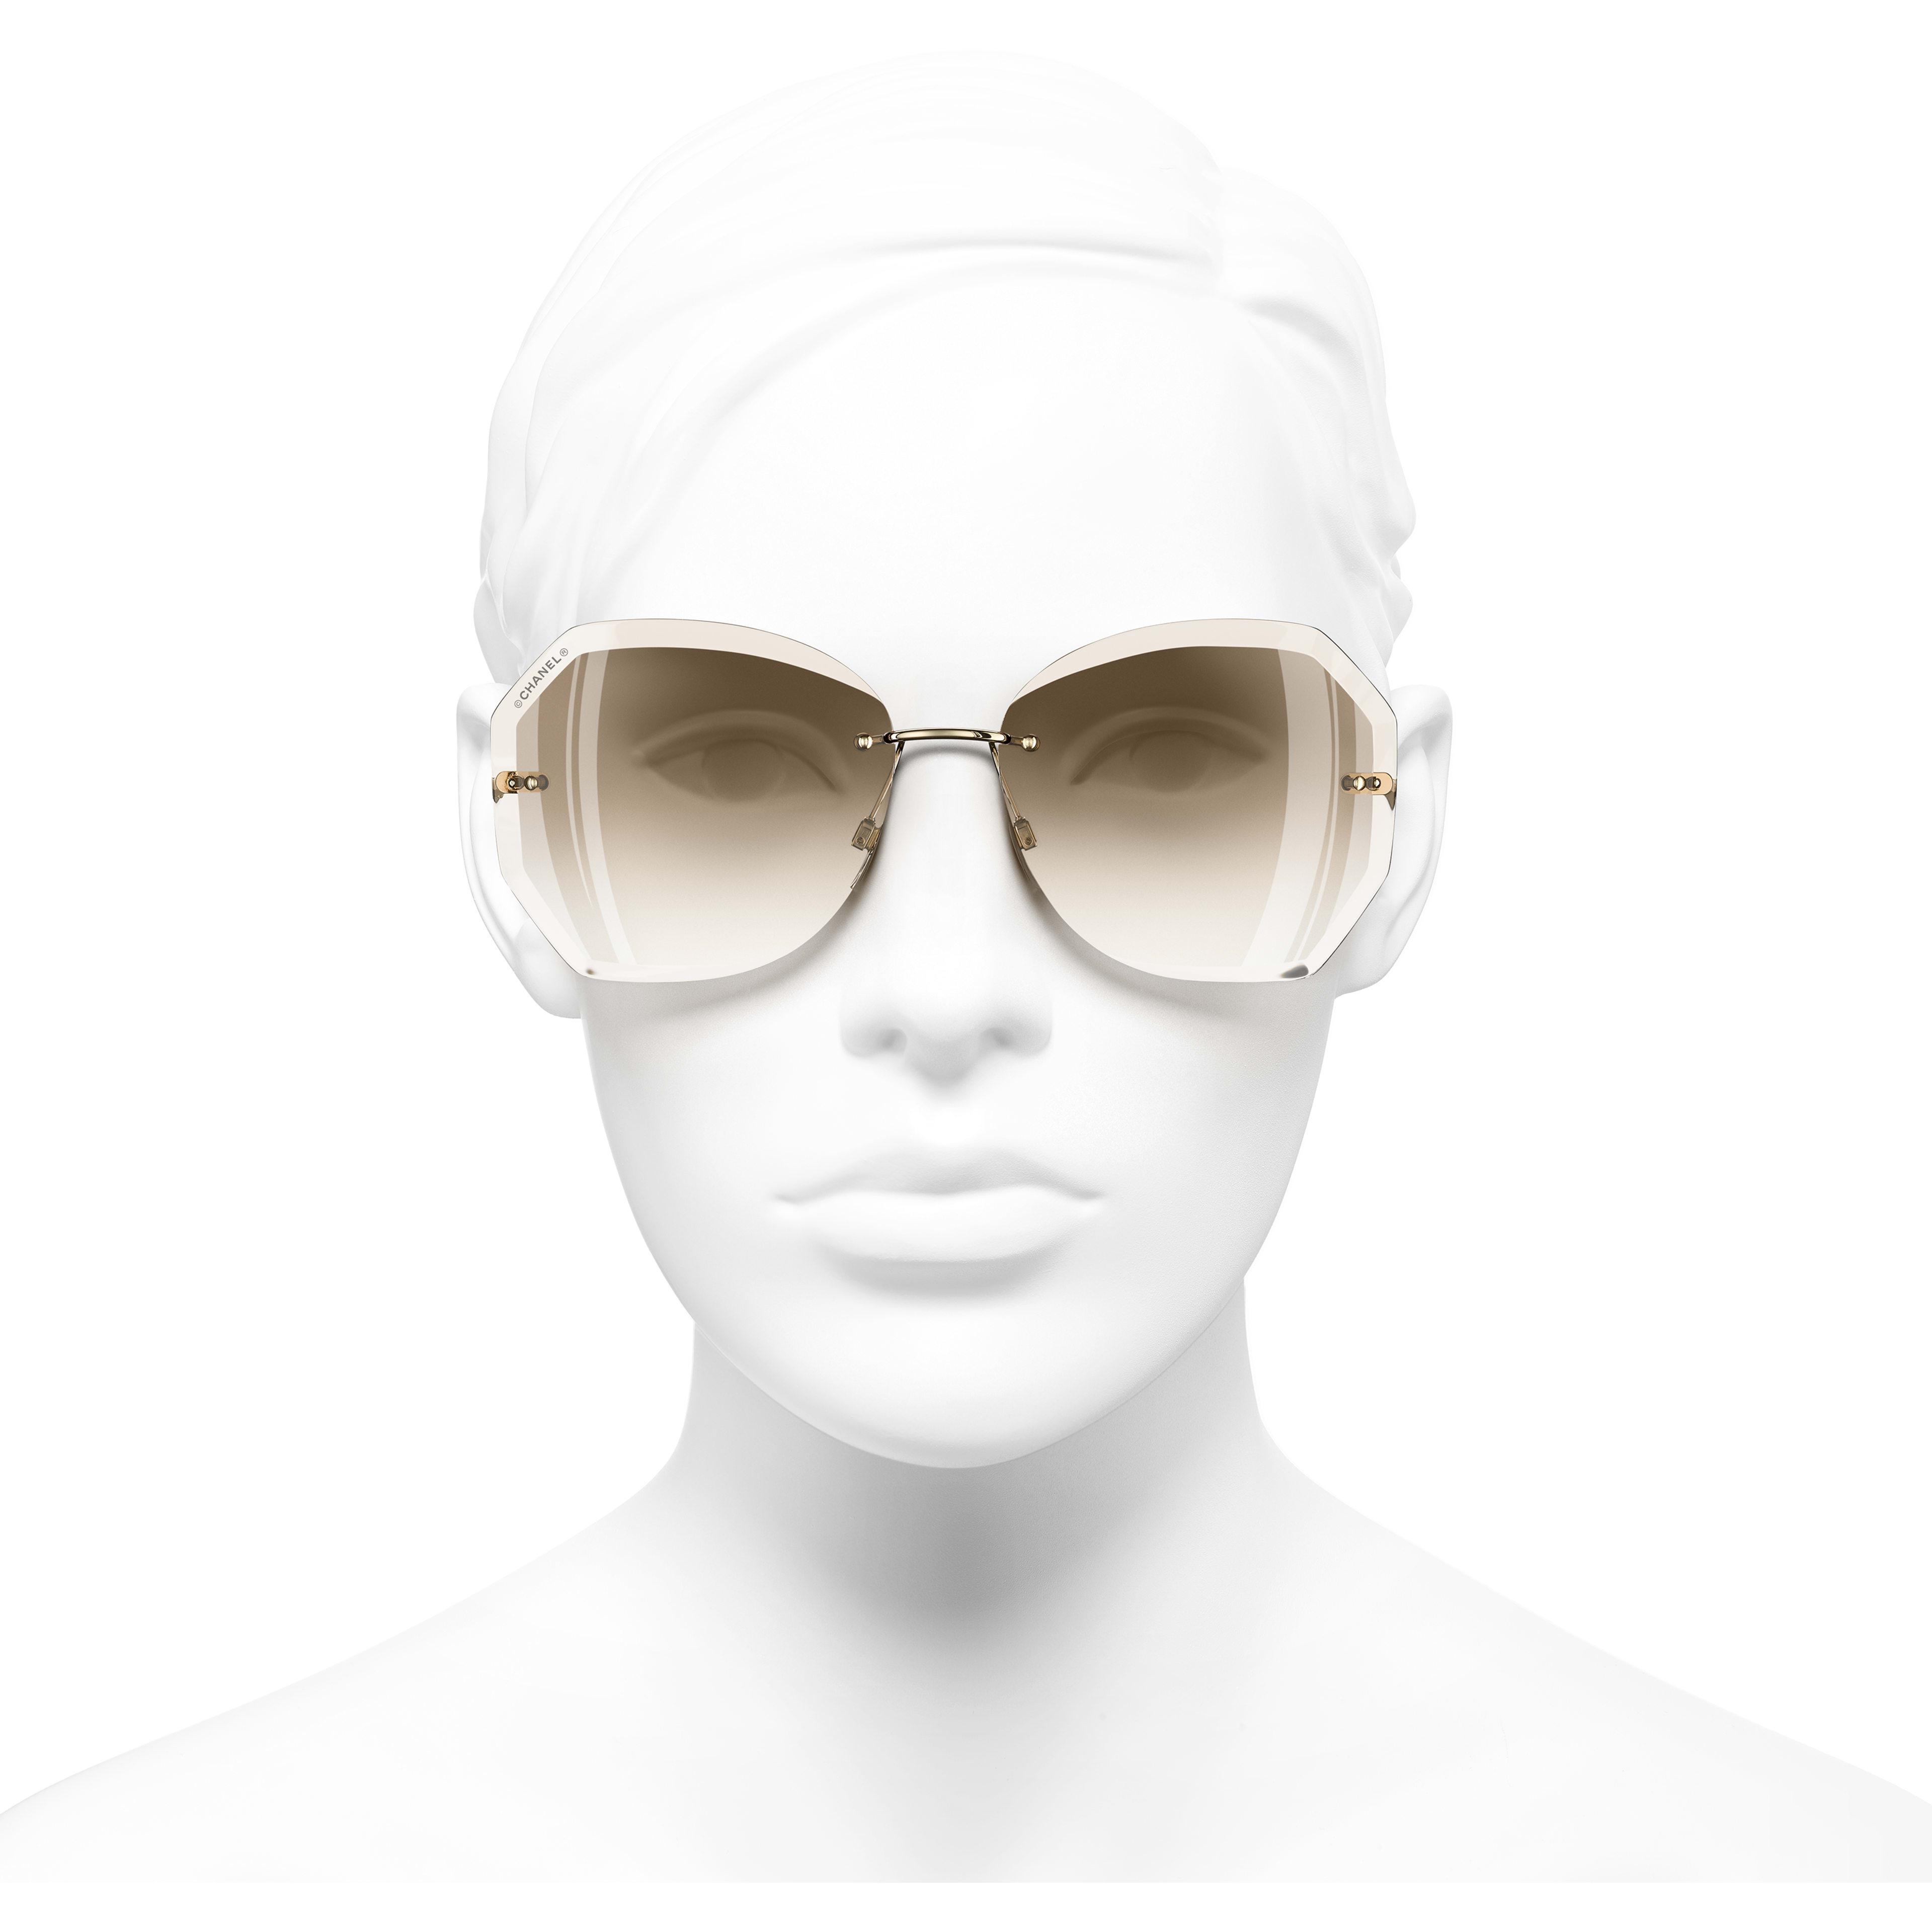 Gafas de sol redondas - Dorado y beige - Metal - CHANEL - Vista de frente puesto - ver la versión tamaño estándar